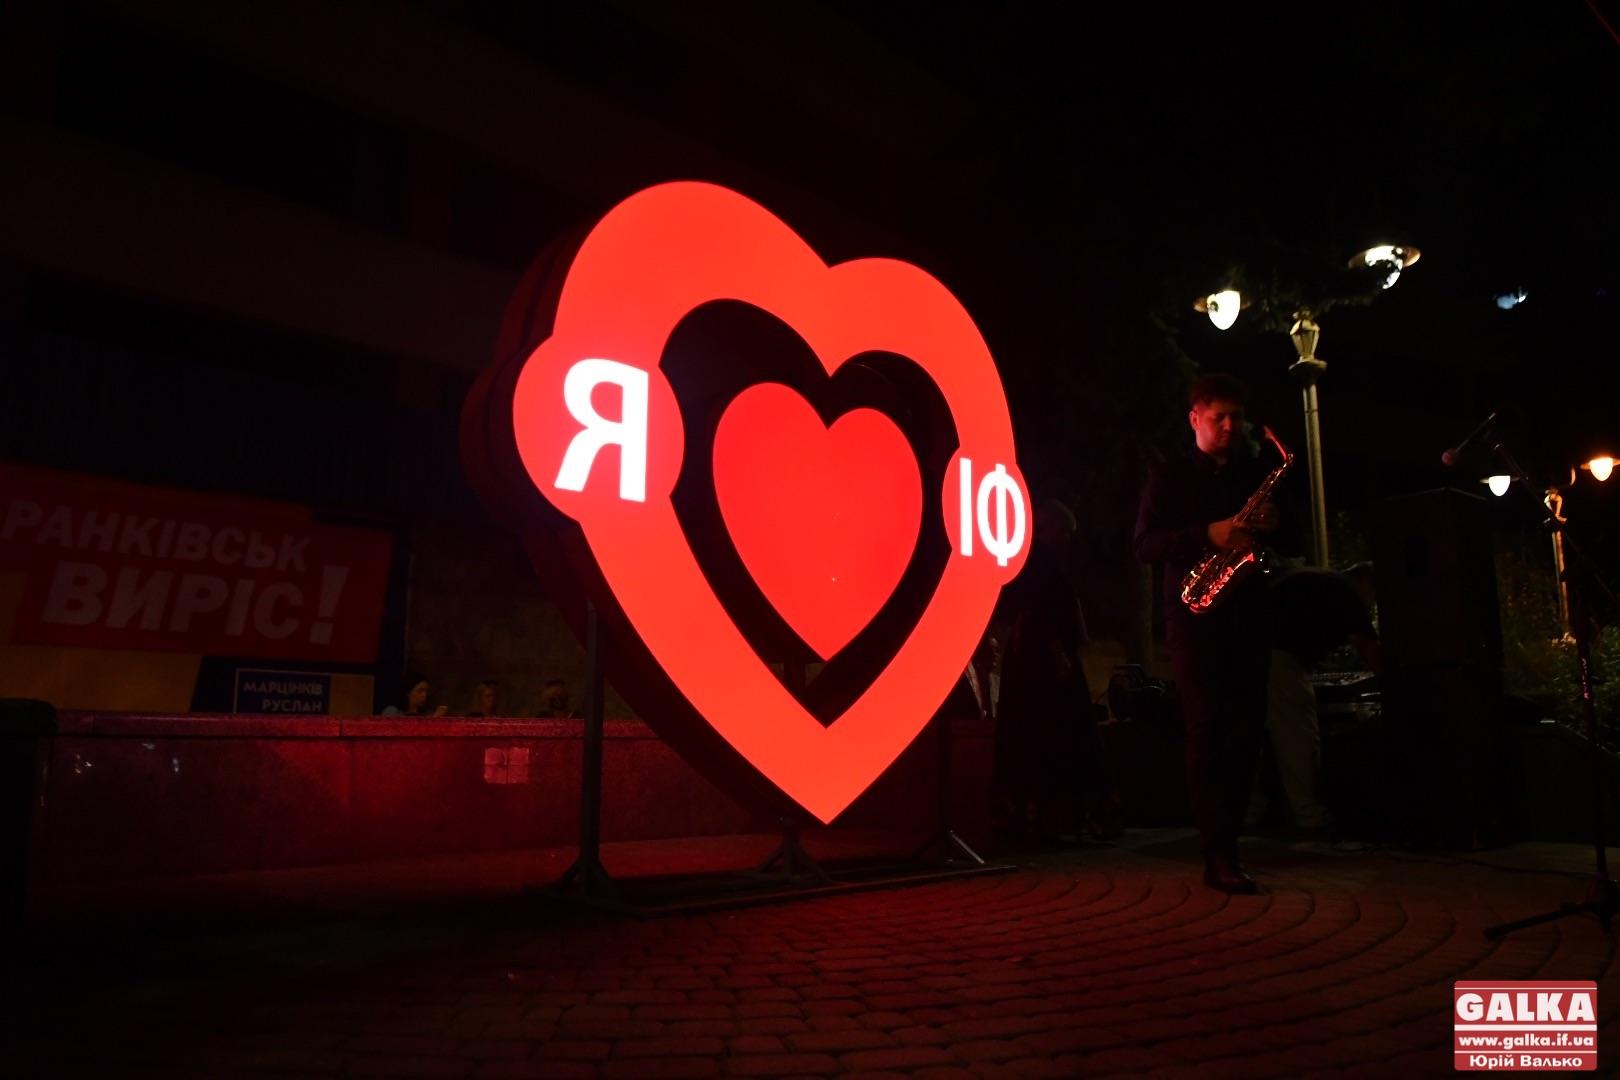 """У центрі міста відкрили фотозону """"Я ♥ ІФ"""" та показали яскраве відеошоу (ФОТО, ВІДЕО)"""